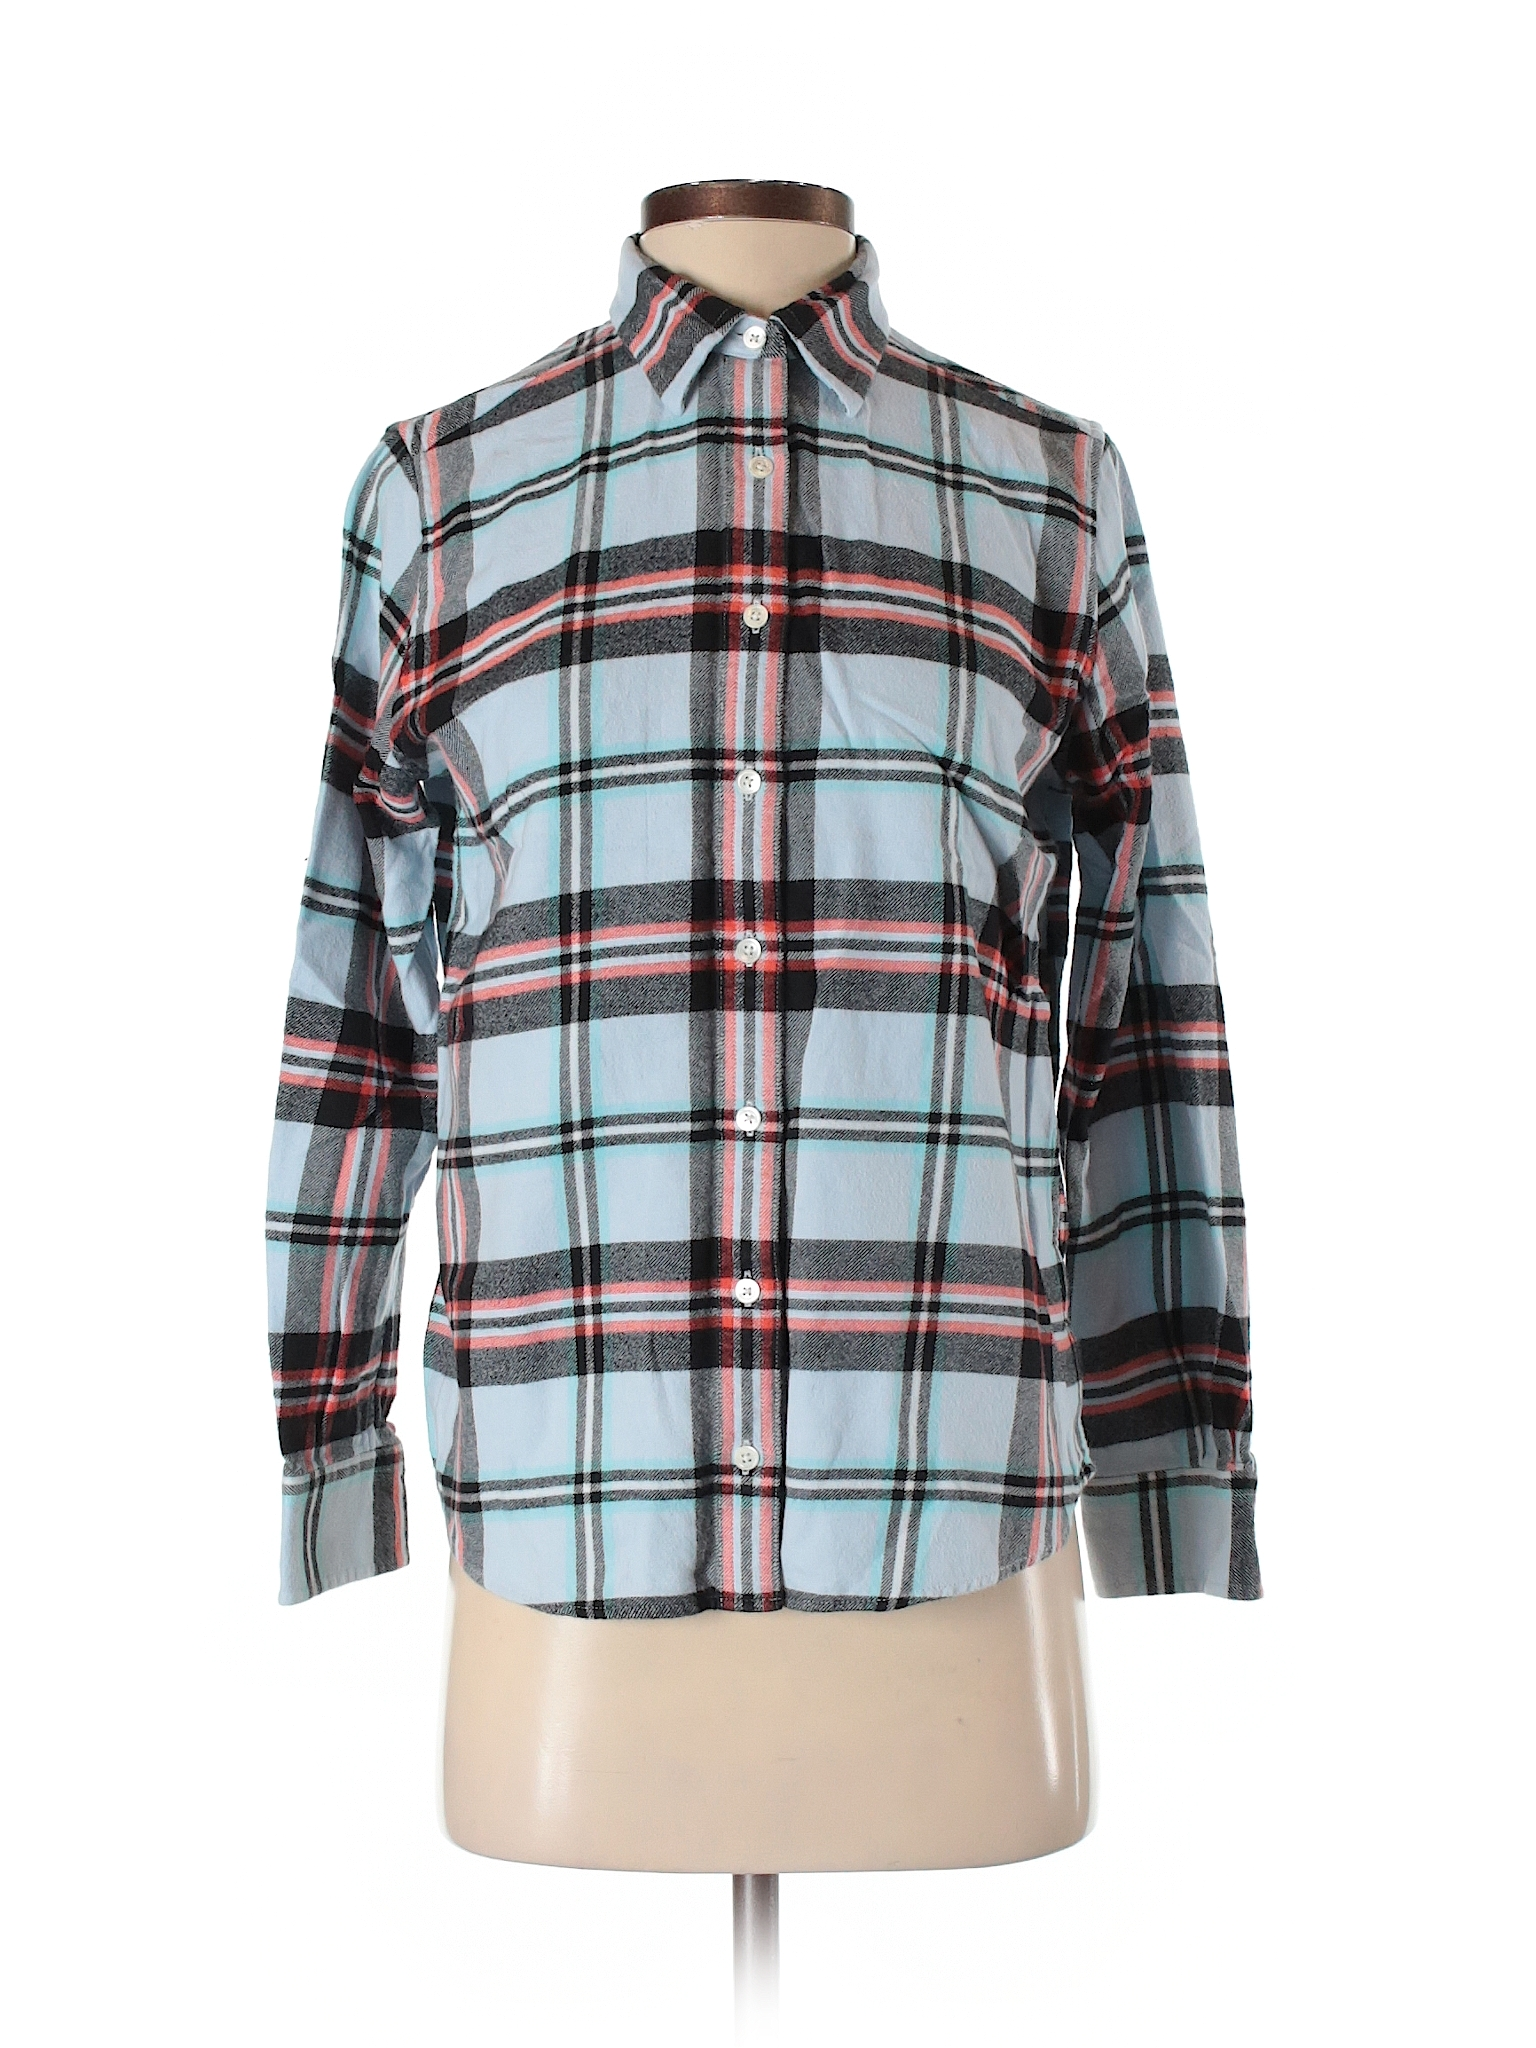 lands end long sleeve button down shirt size 4 00 light blue womens tops 10 99